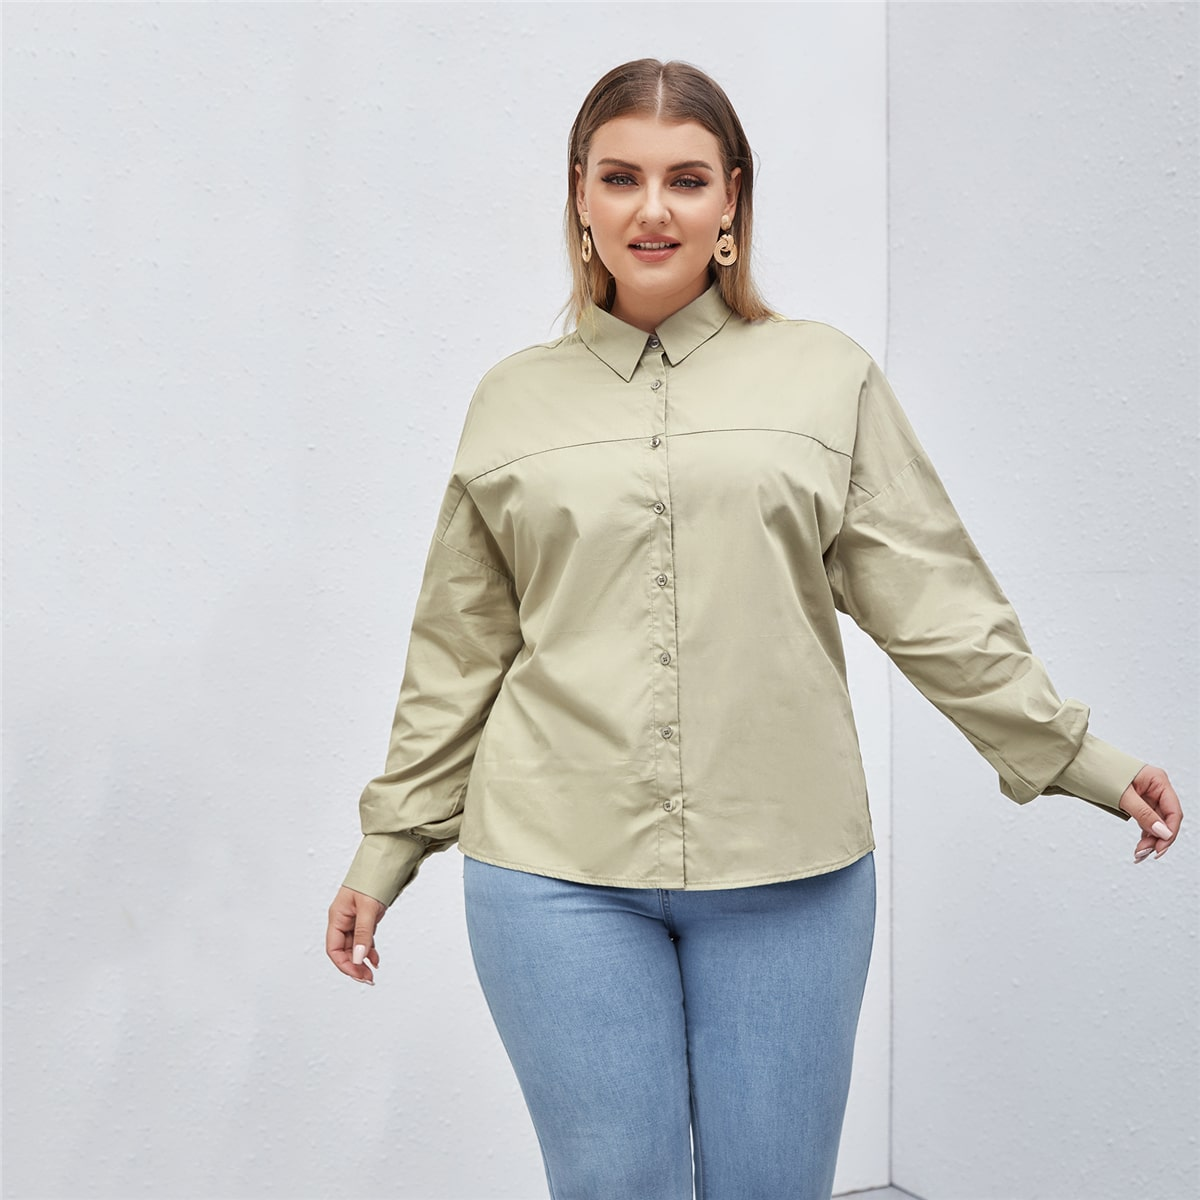 Пуговица Одноцветный Повседневный Блузы размер плюс